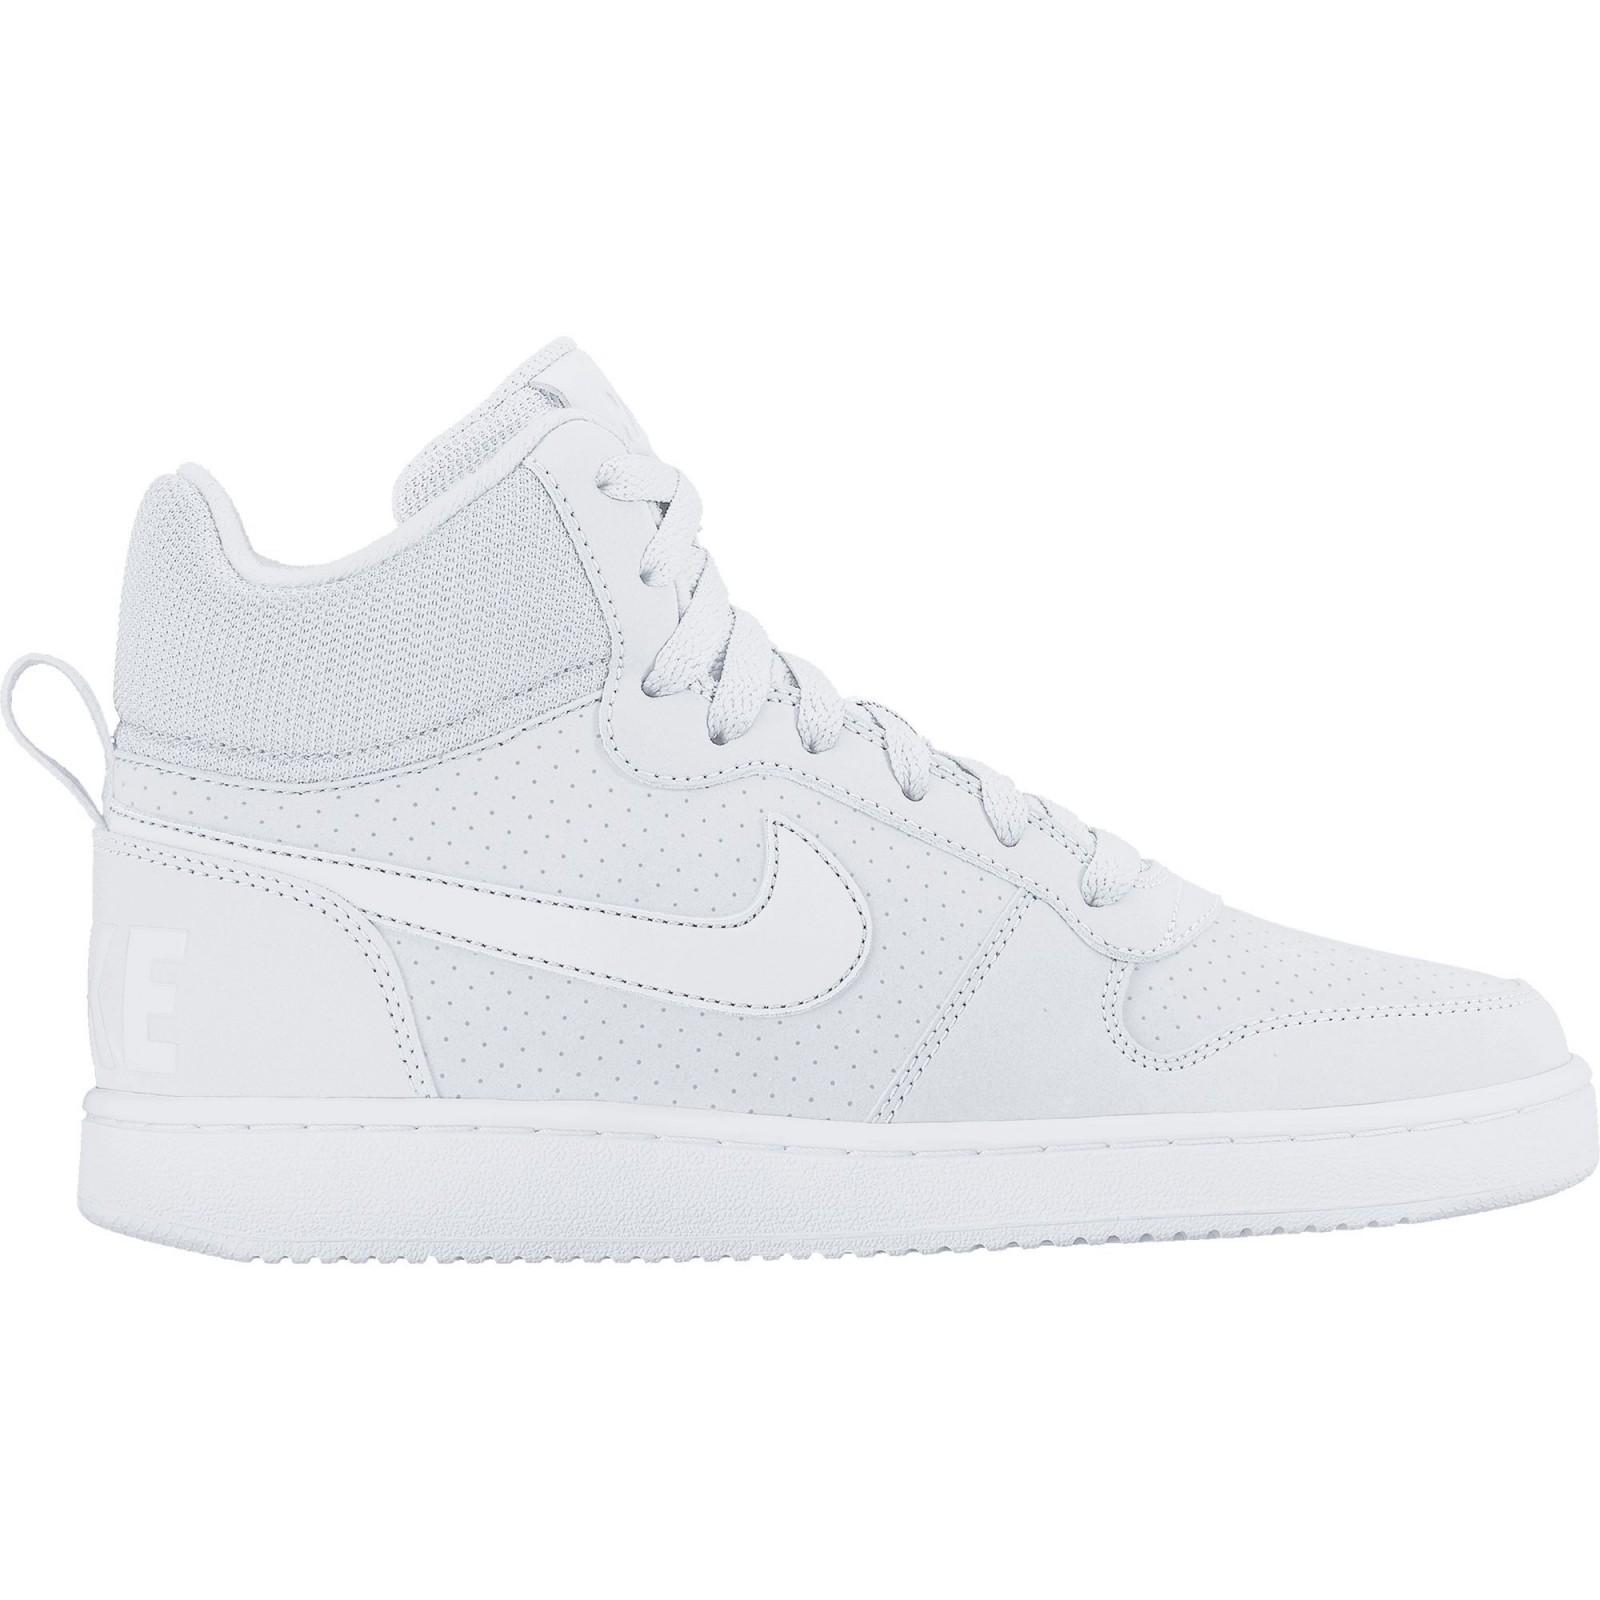 57b07fa93a9 Dámské boty Nike WMNS COURT BOROUGH MID WHITE WHITE-WHITE - Glami.cz